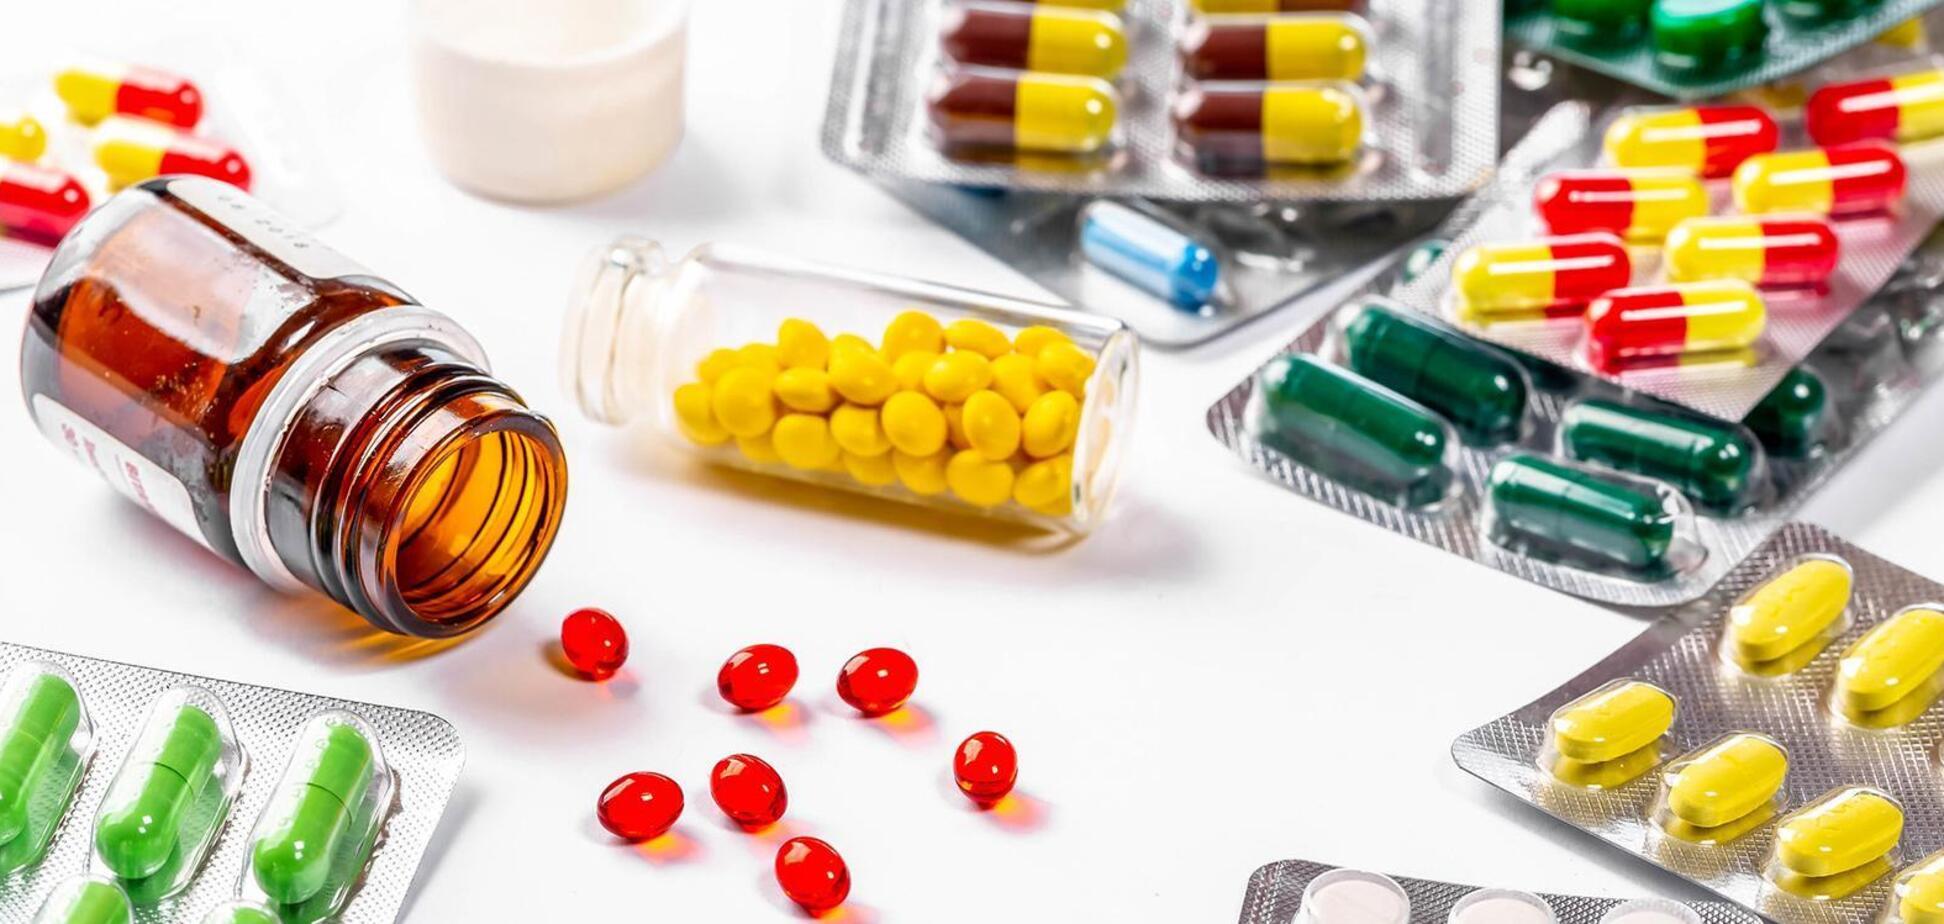 В Україні тотально поширений нав'язливий фармацевтичний маркетинг з елементами корупції